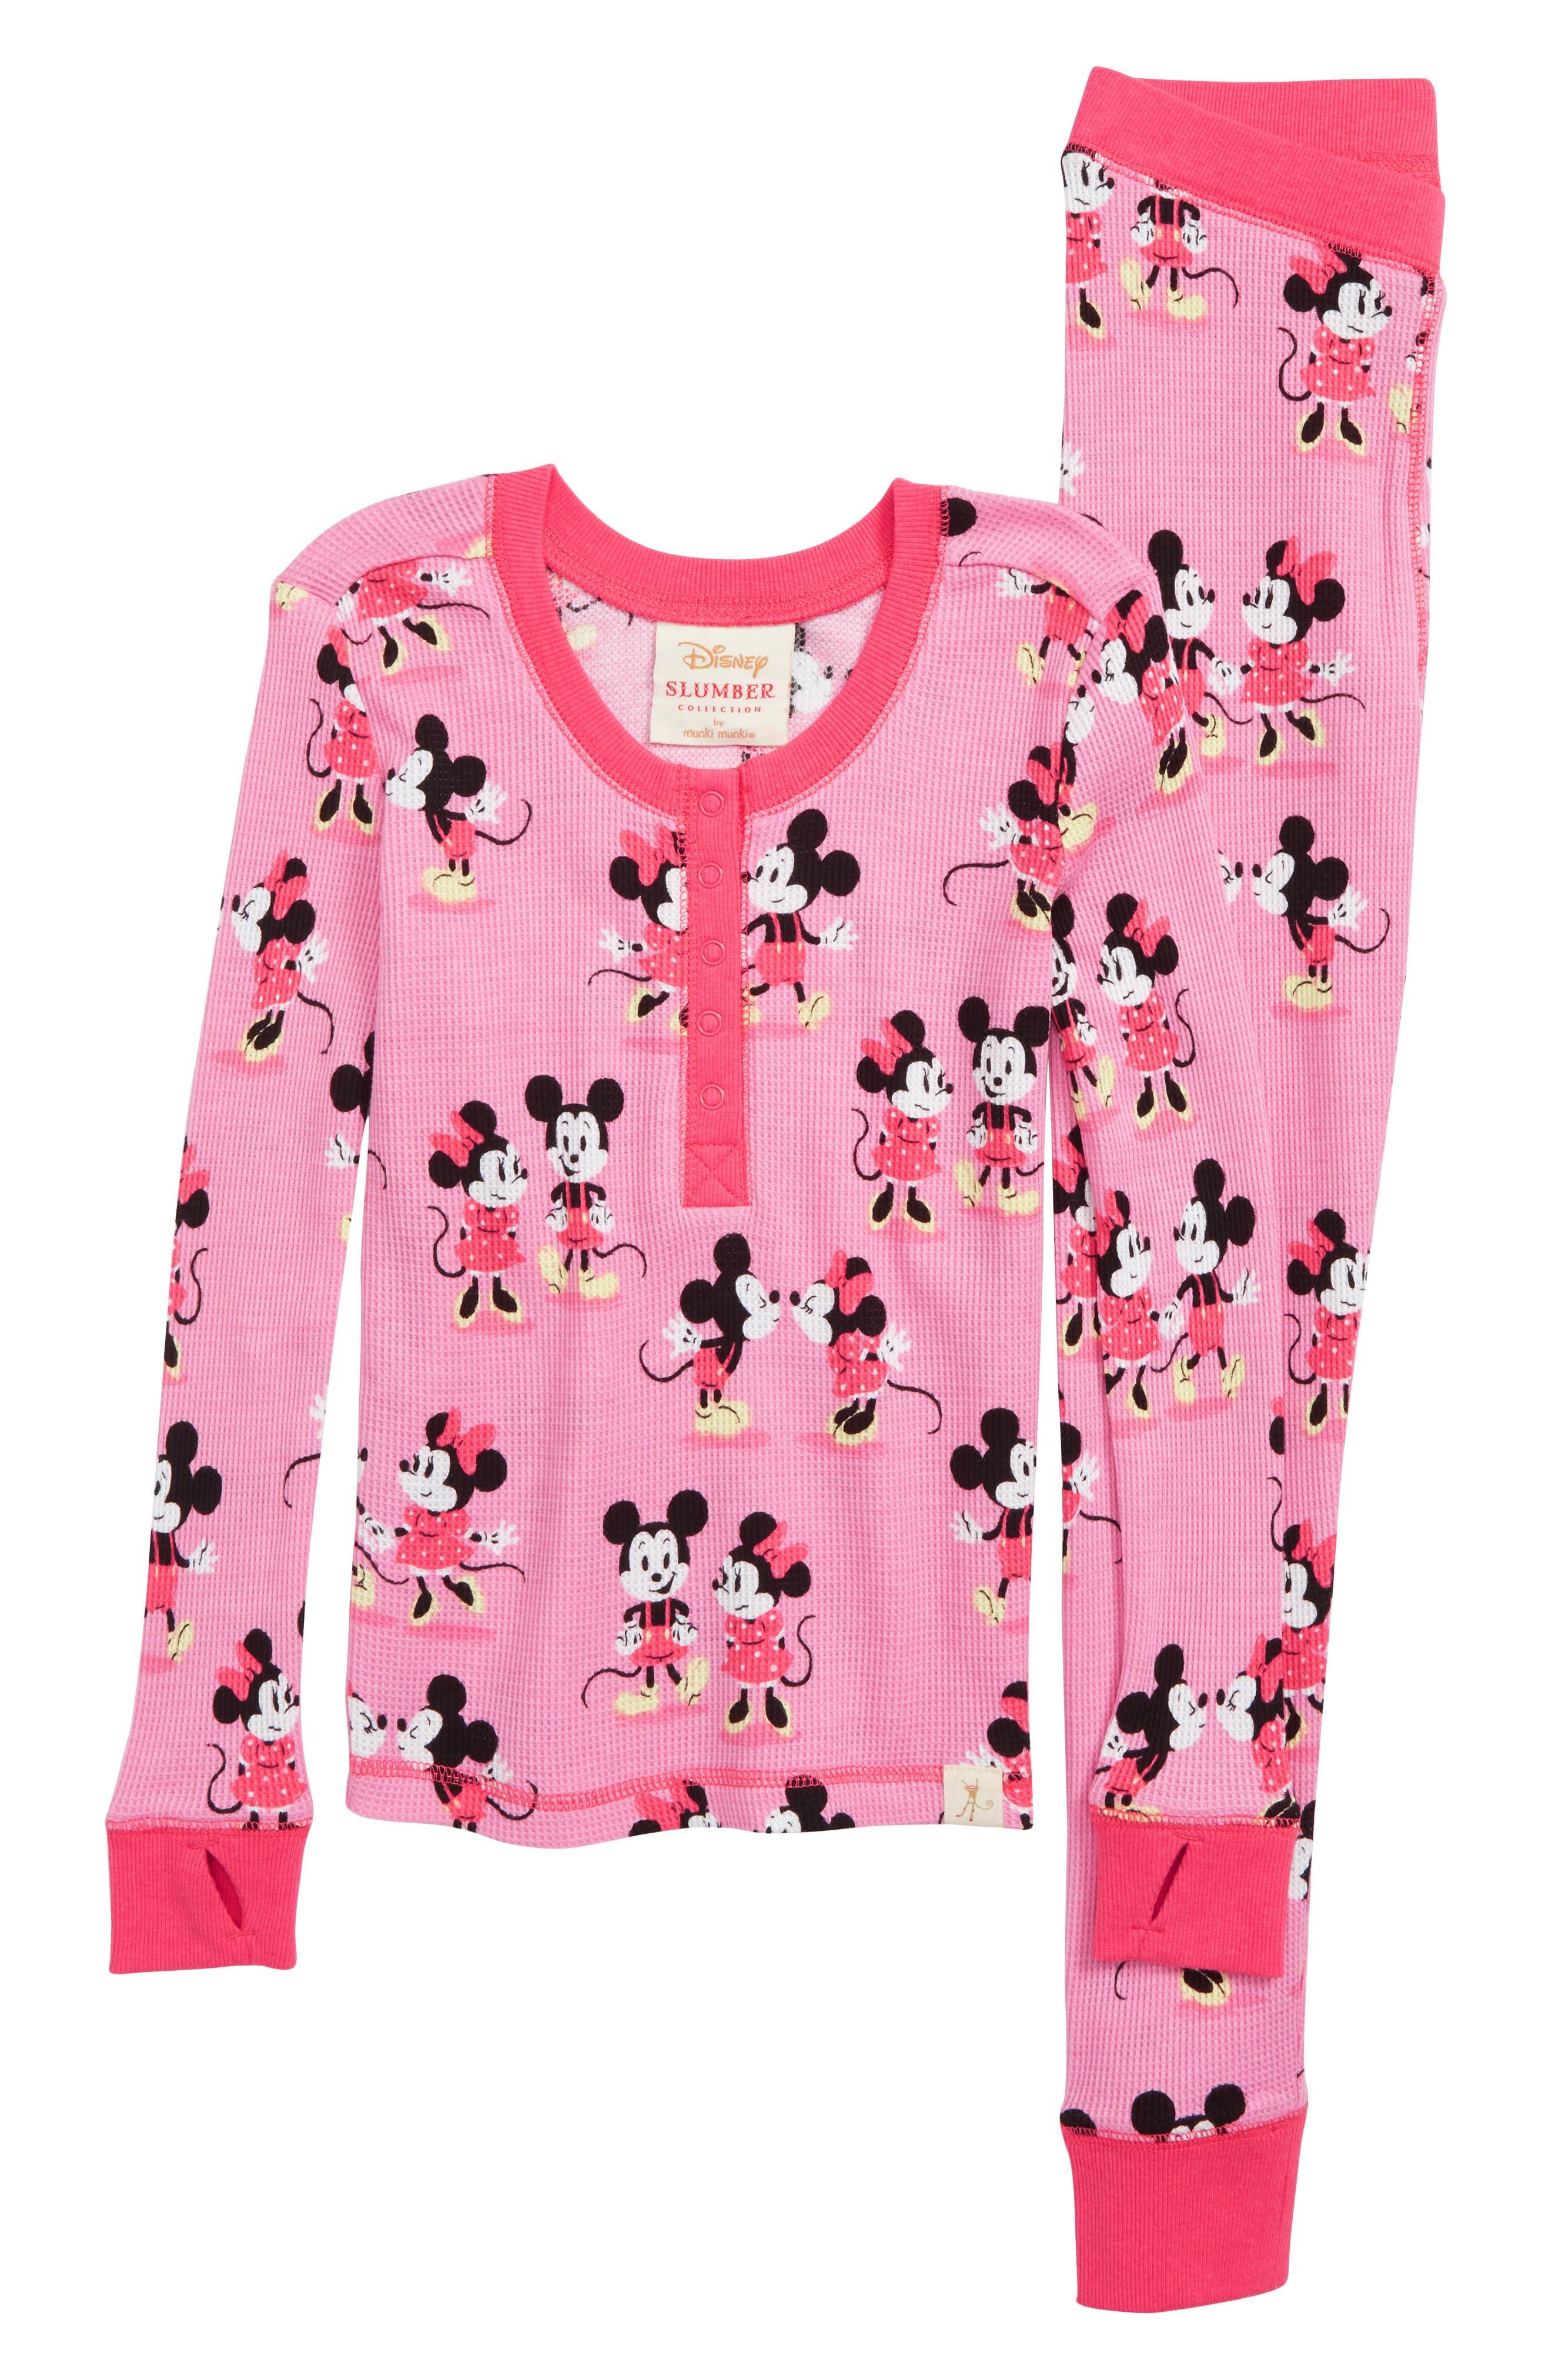 MUNKI MUNKI Minnie Mickey Fitted Two-Piece Pajamas, Main, color, 650